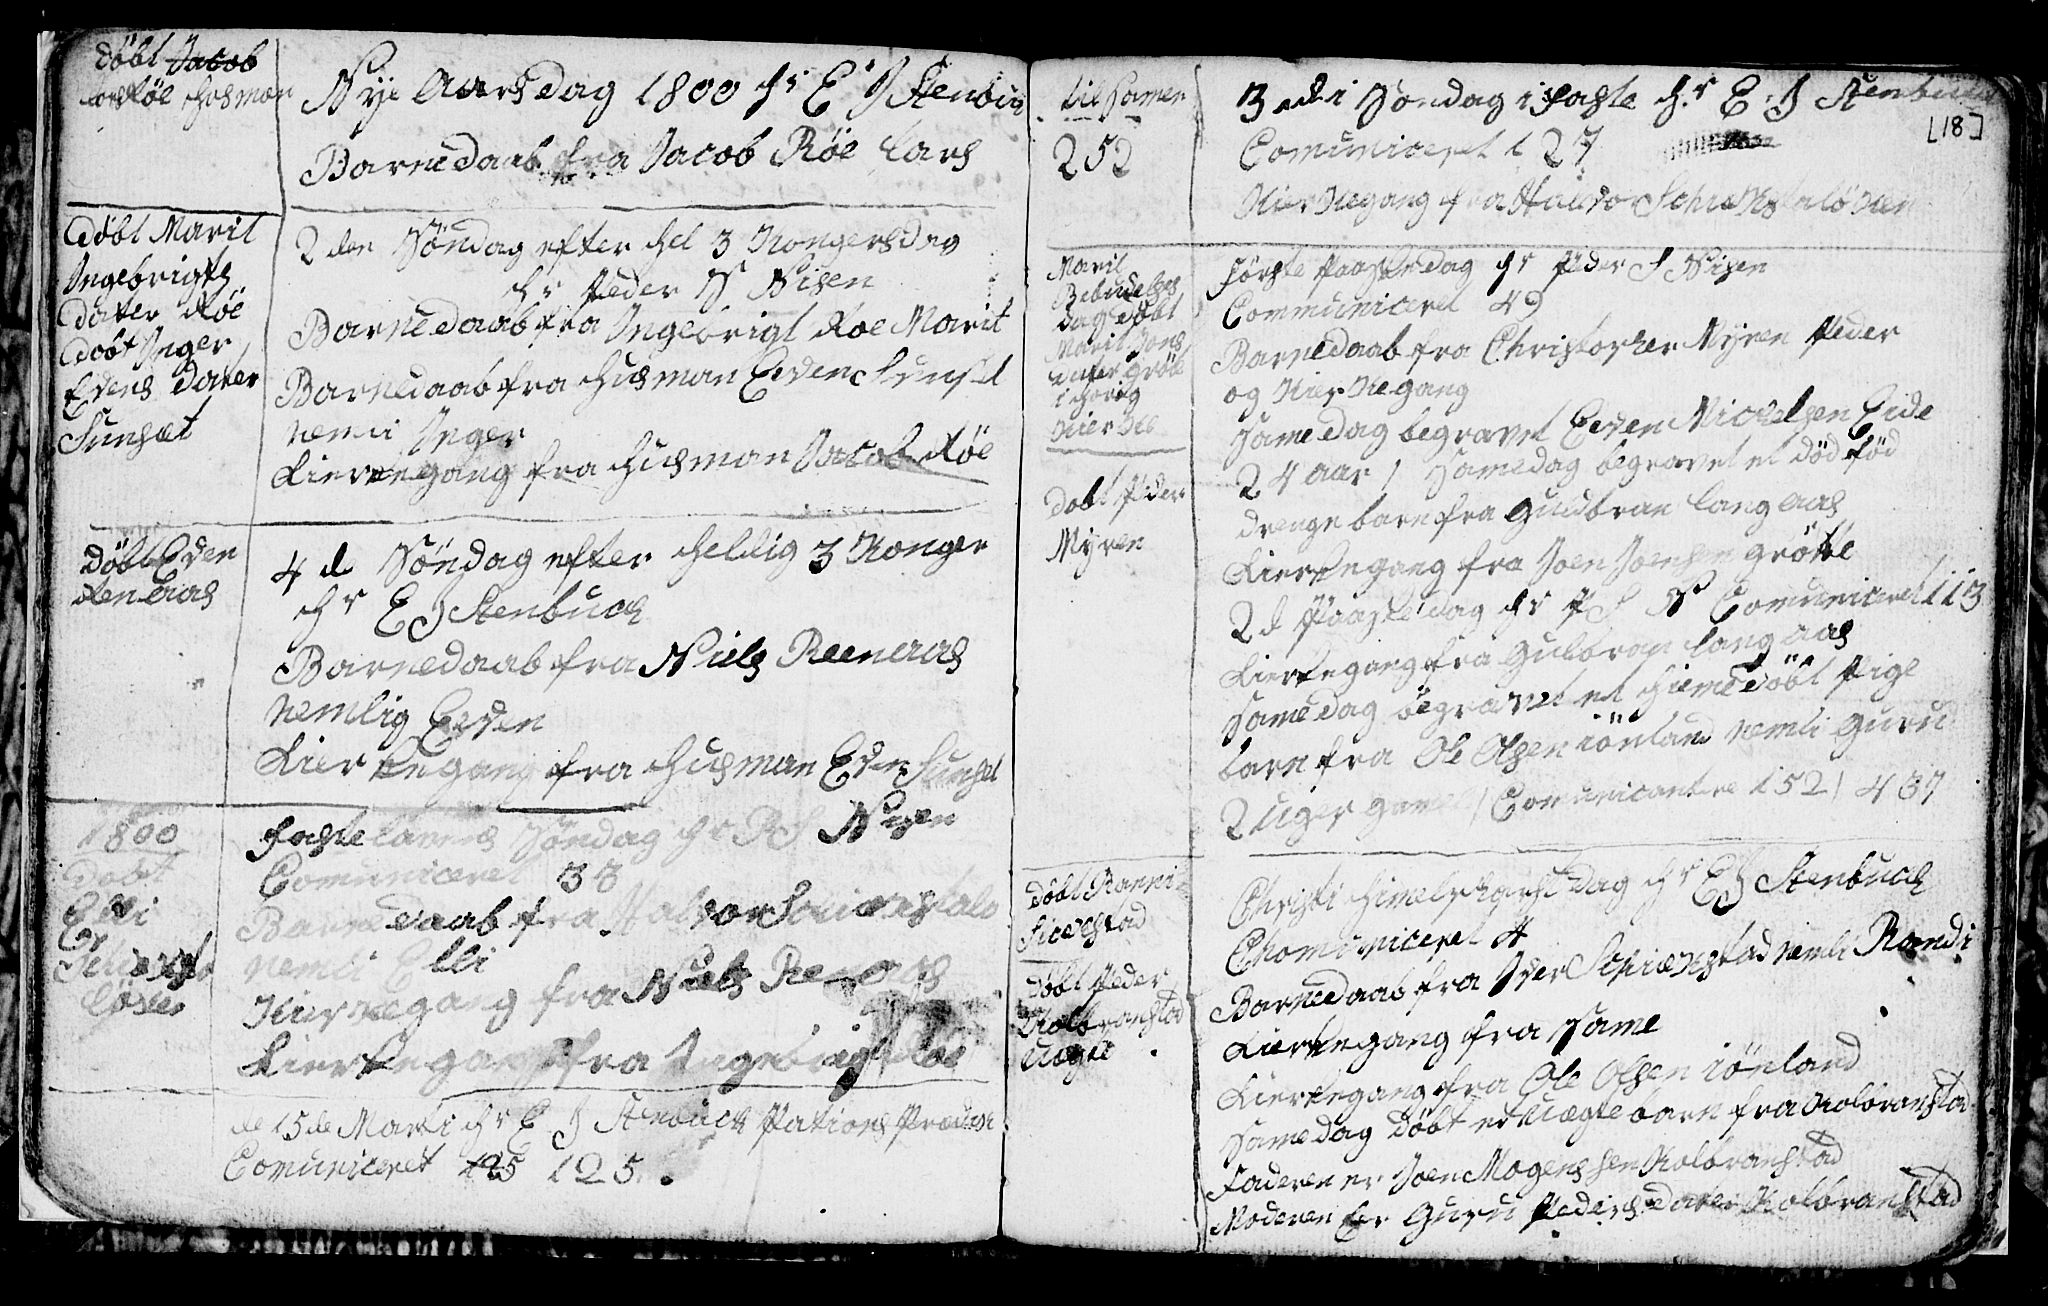 SAT, Ministerialprotokoller, klokkerbøker og fødselsregistre - Sør-Trøndelag, 694/L1129: Klokkerbok nr. 694C01, 1793-1815, s. 18